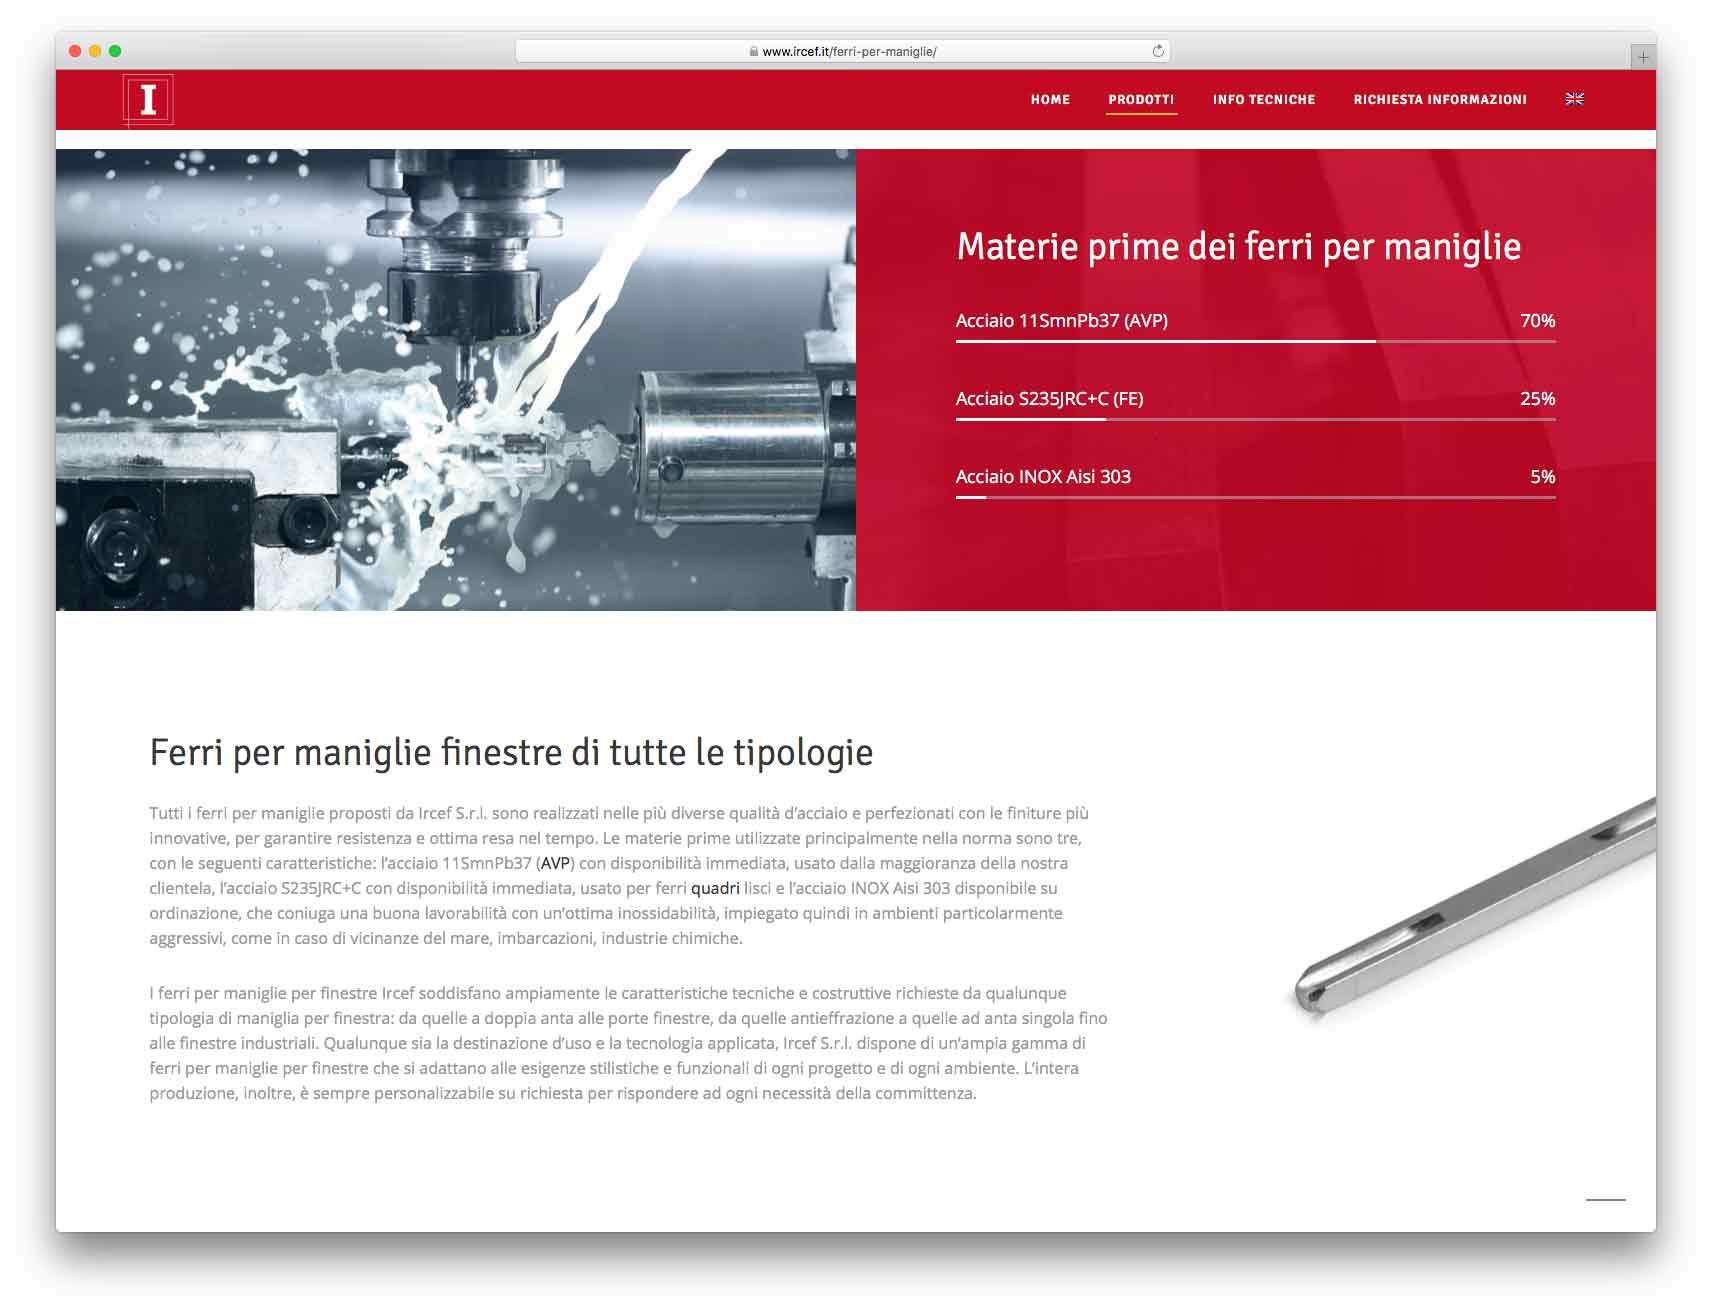 creazione siti web brescia - Agenzia P - sito web Ircef